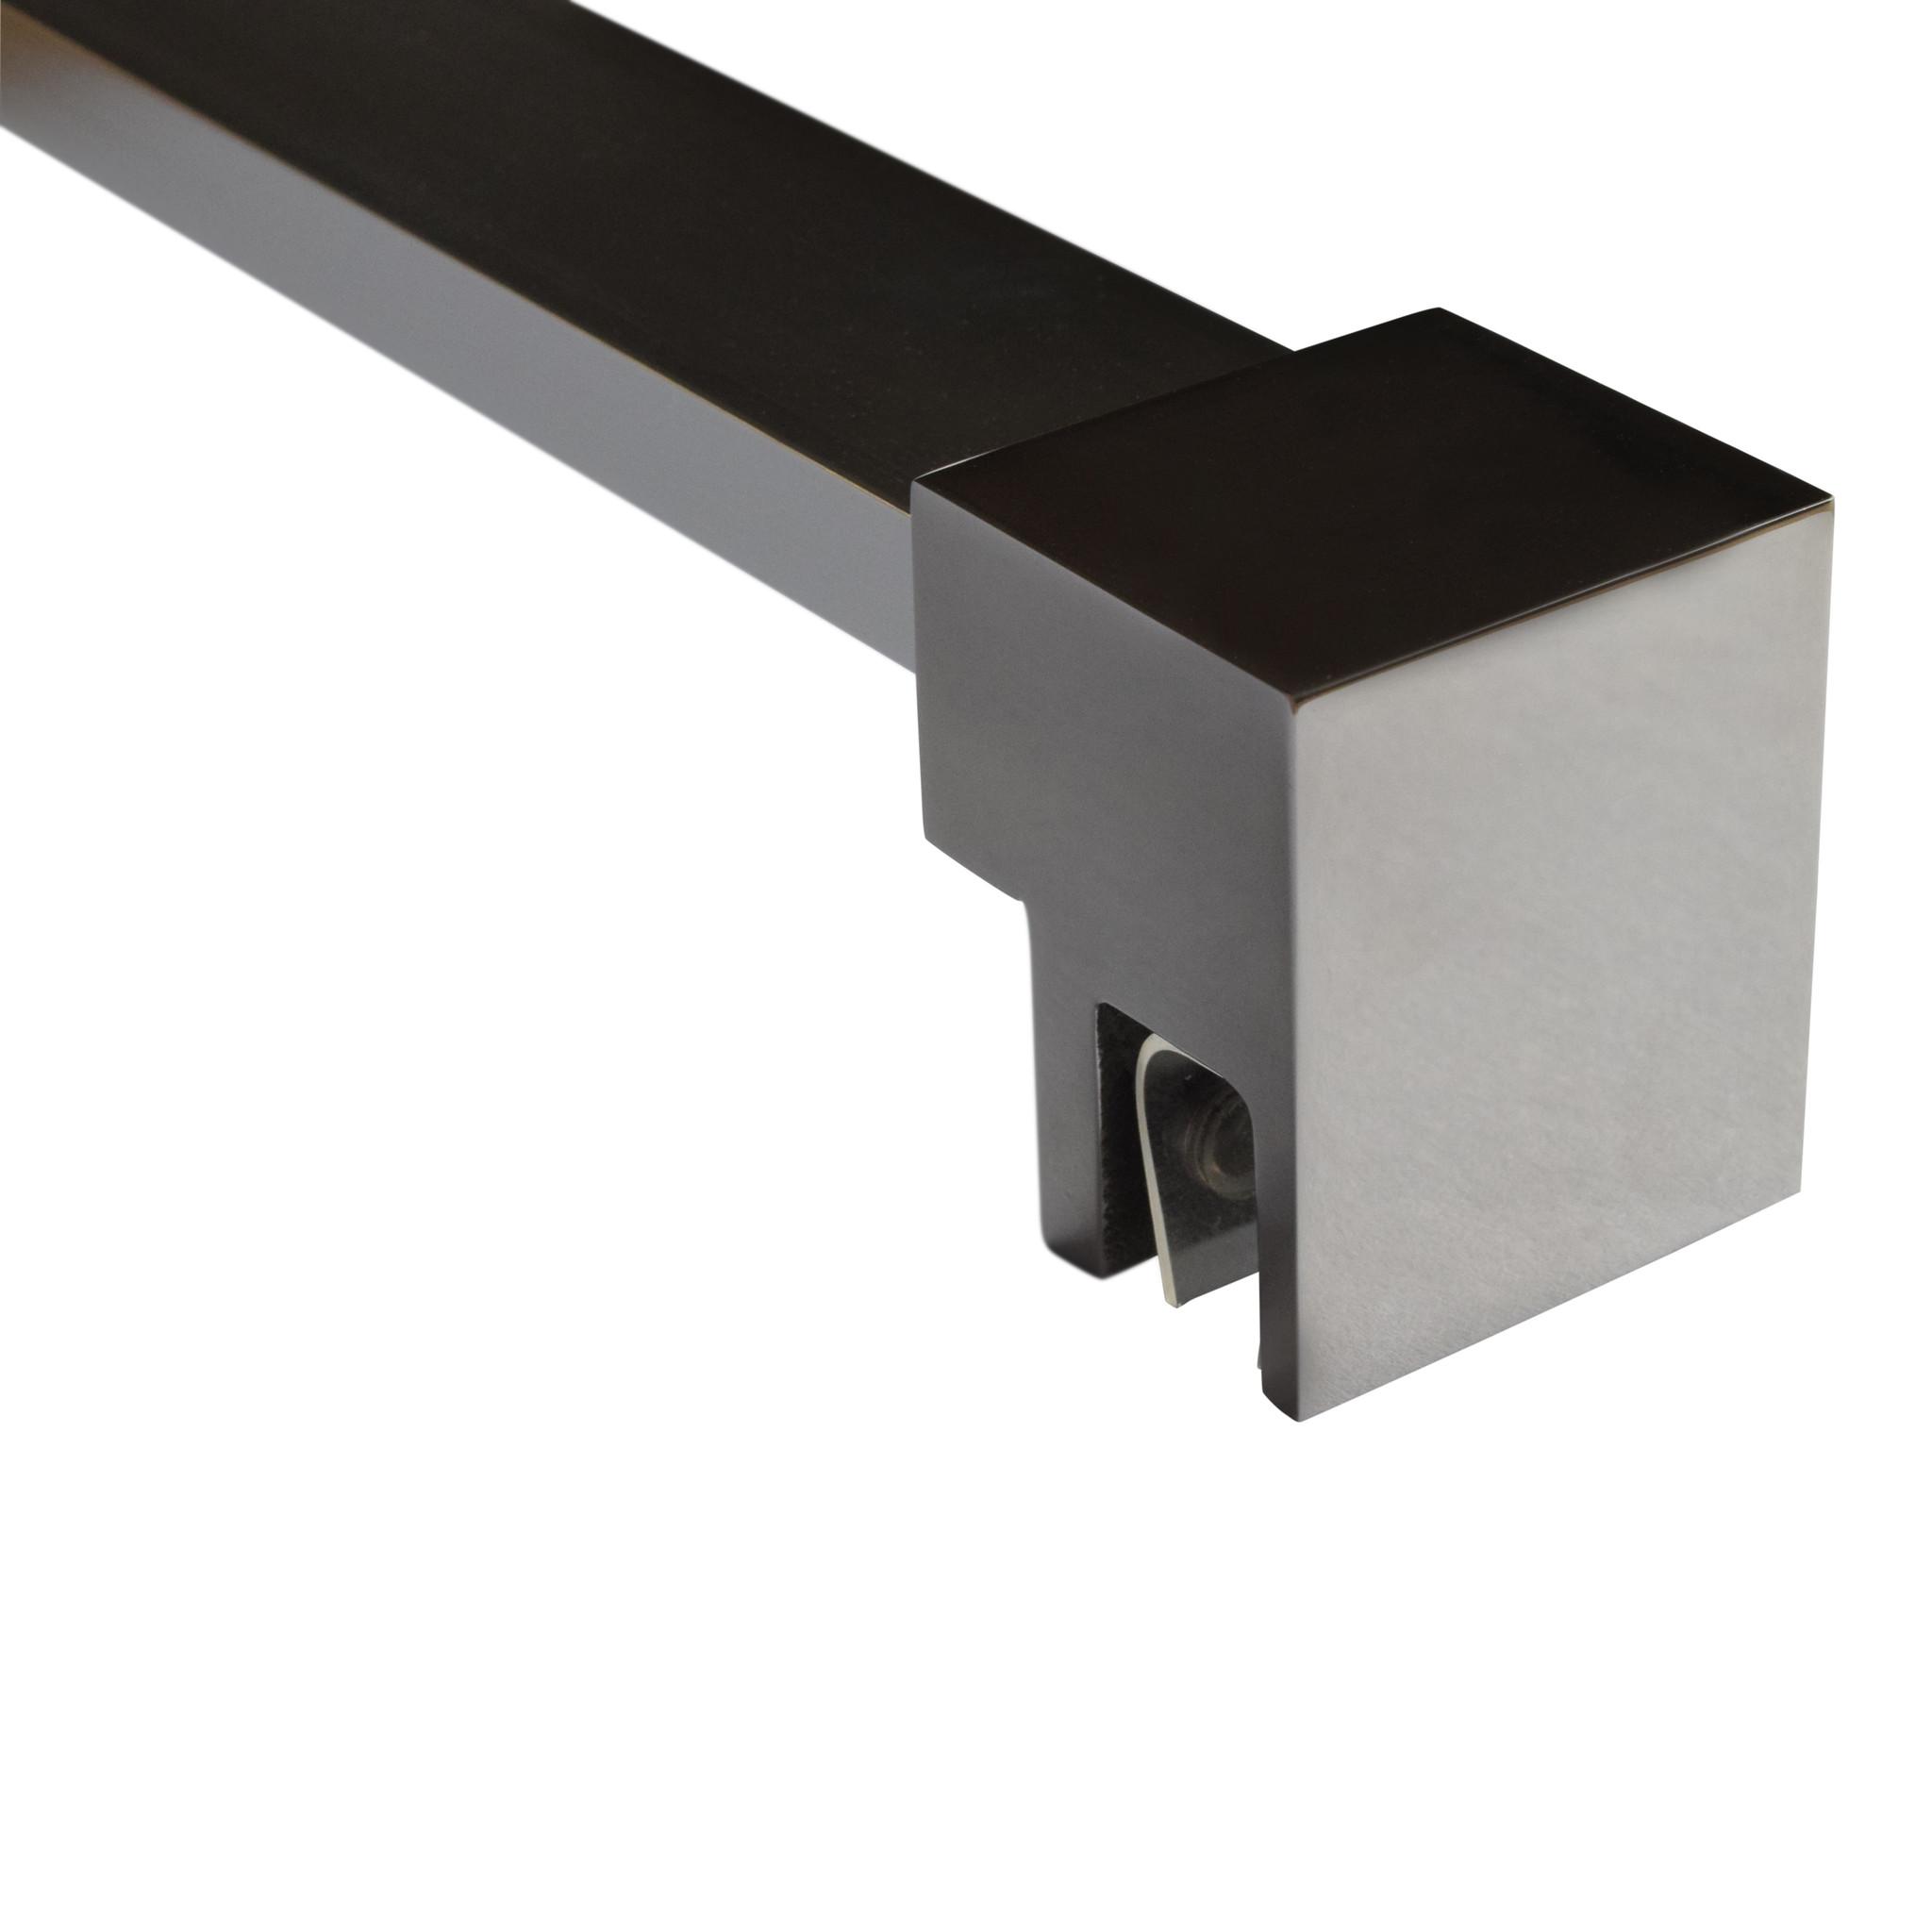 Stabilisatiestang compleet vierkant 120 cm